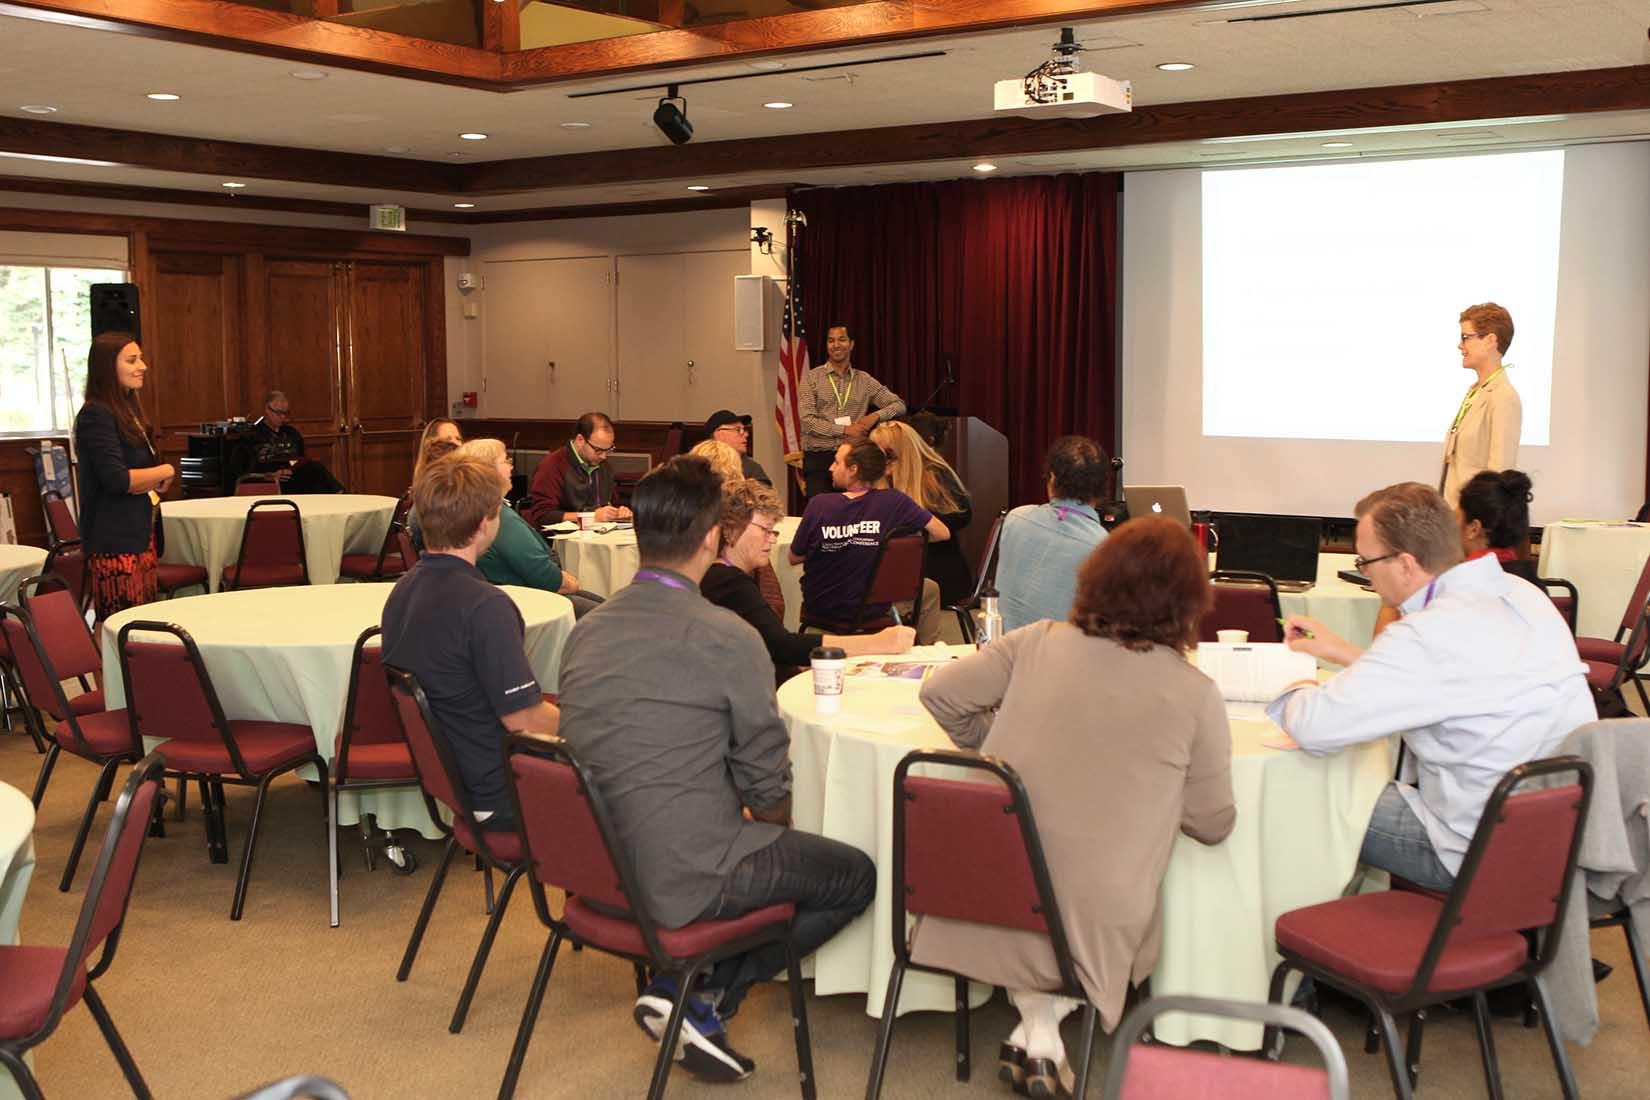 small seminar attendees